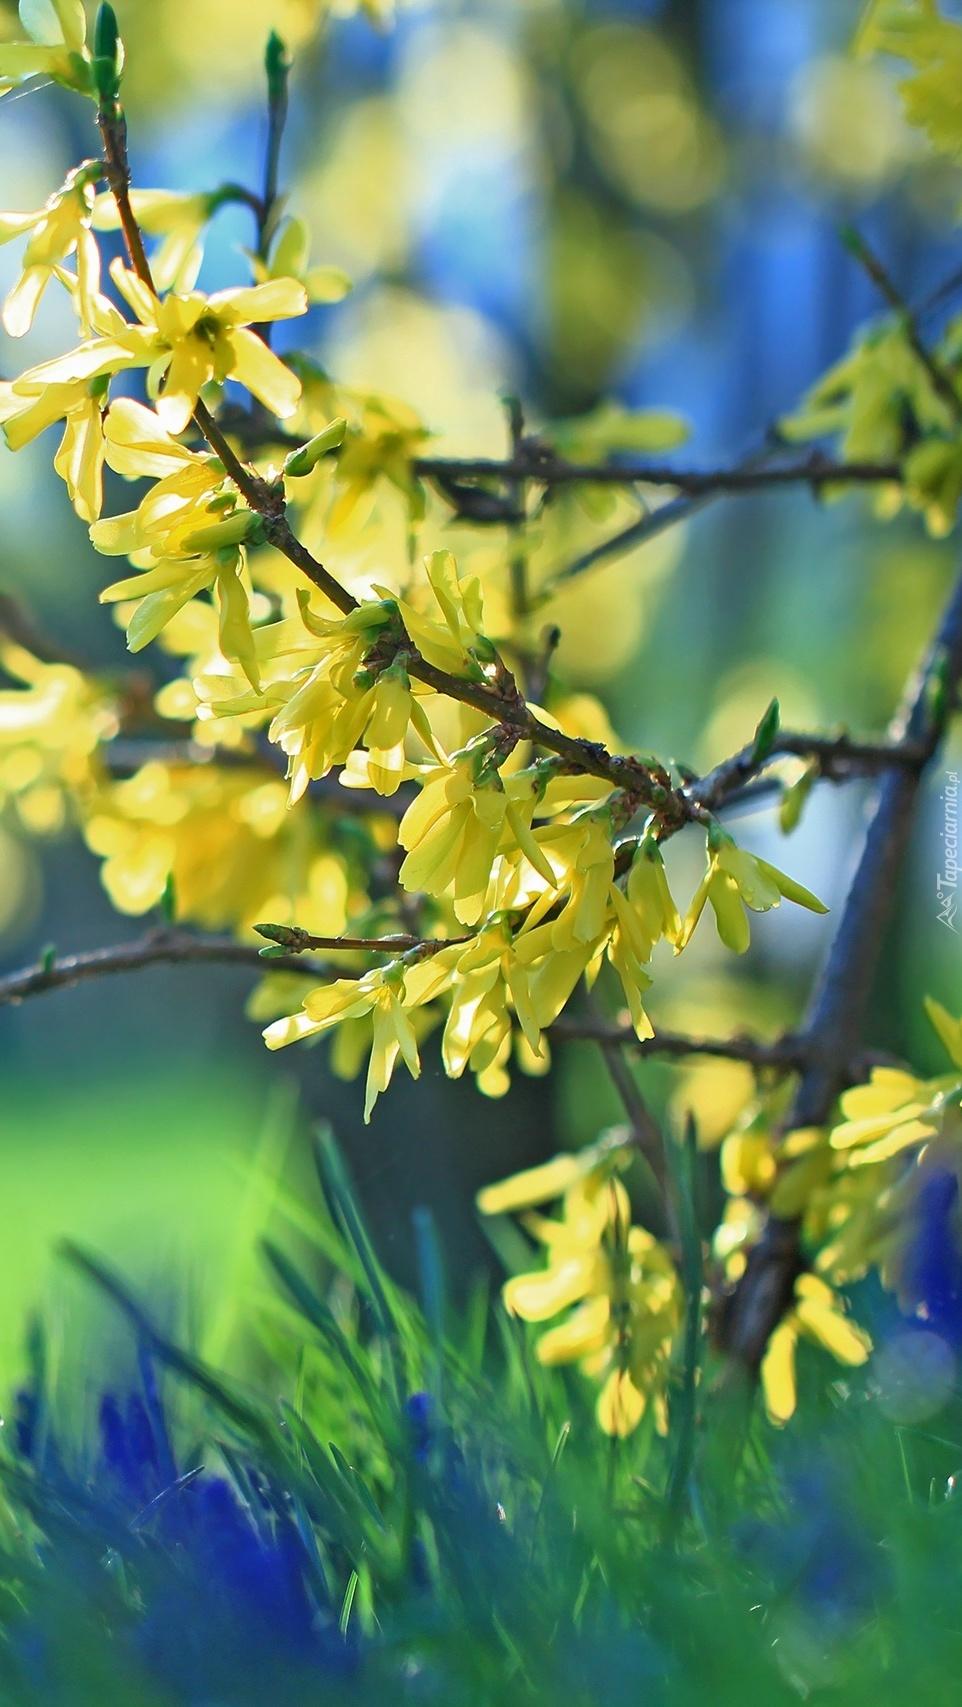 Gałązki żółtym kwieciem obsypane